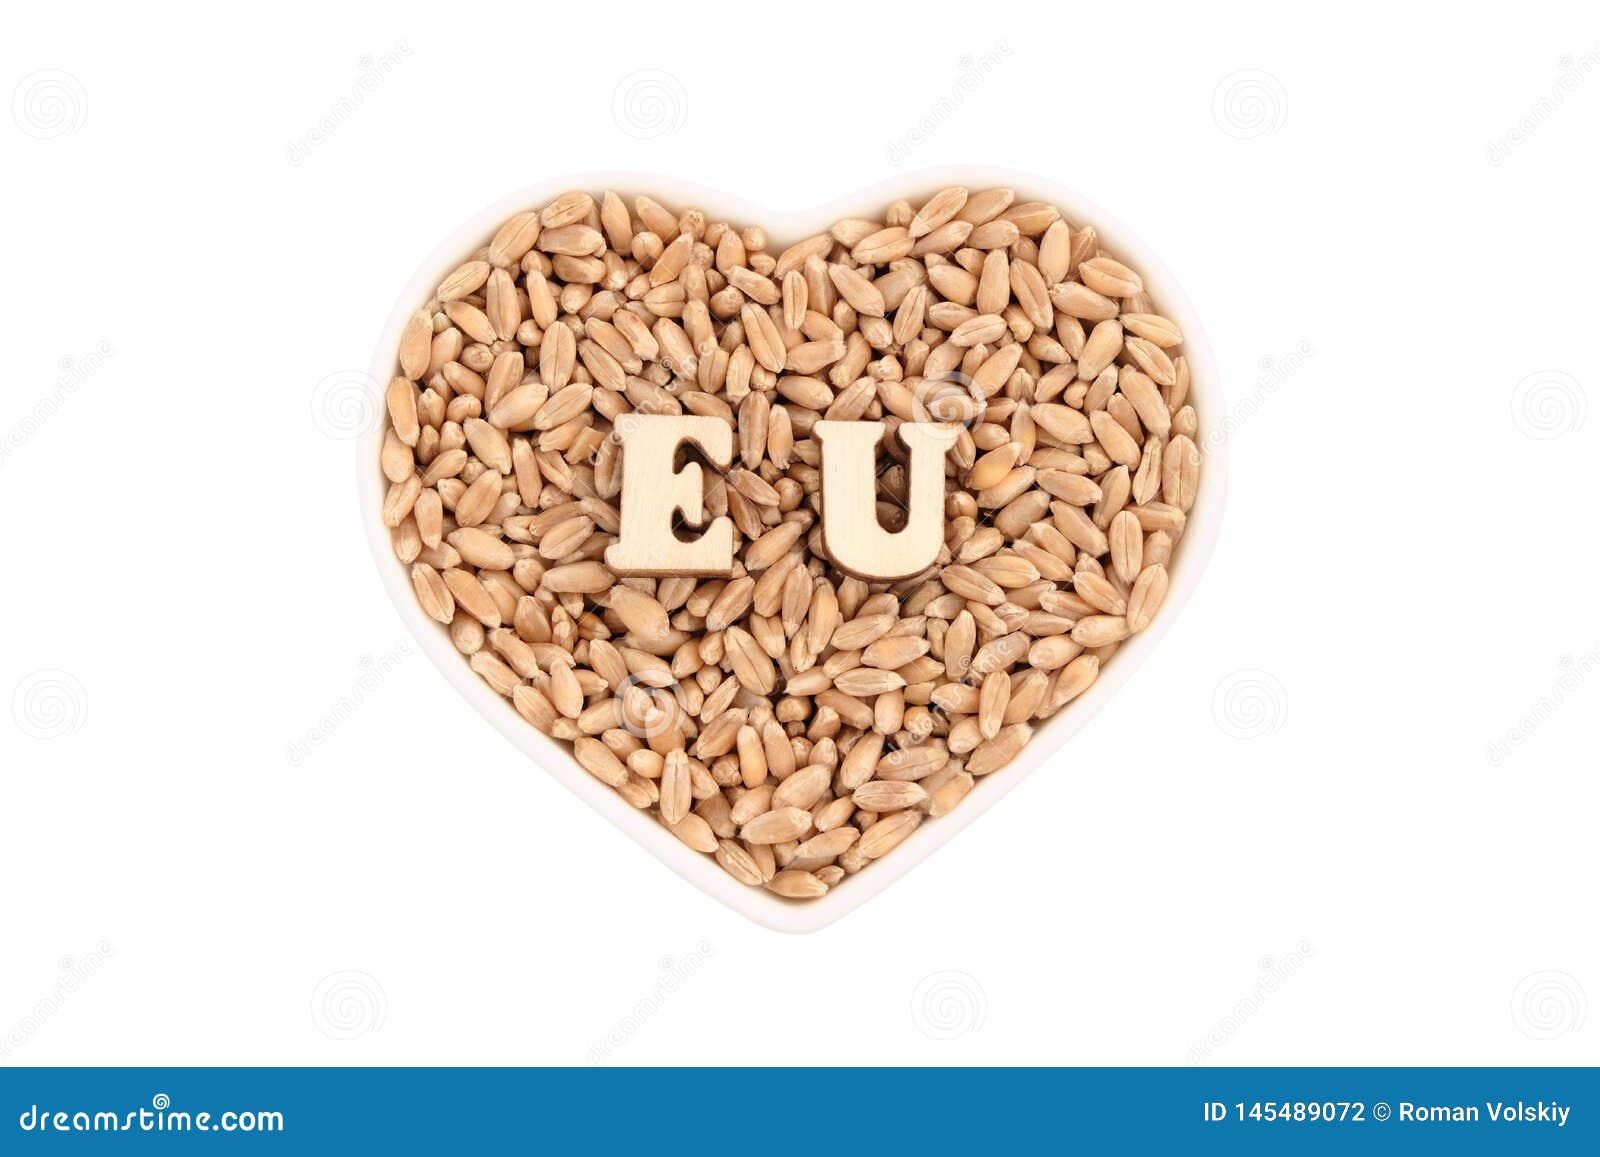 Τα σιτάρια σίτου βρίσκονται σε ένα καρδιά-διαμορφωμένο πιάτο ΕΕ των ξύλινων επιστολών στο σιτάρι r Η έννοια της εισαγωγής και της